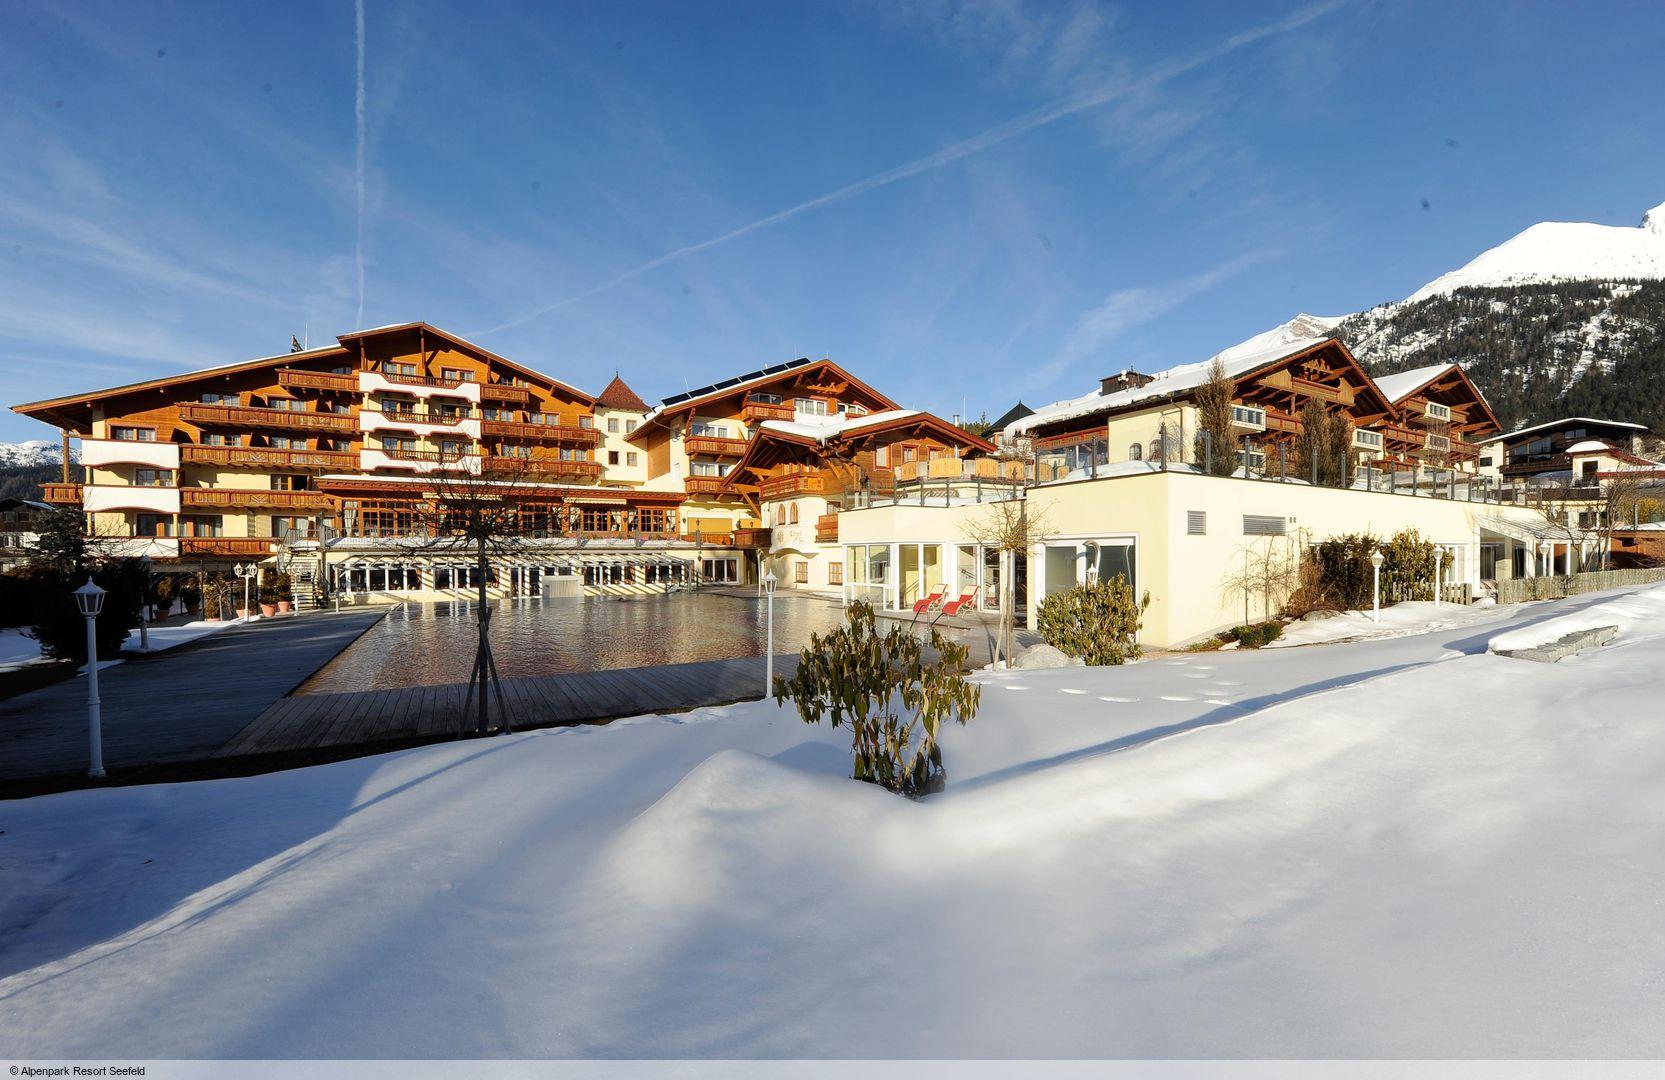 Slide1 - Alpenpark Resort